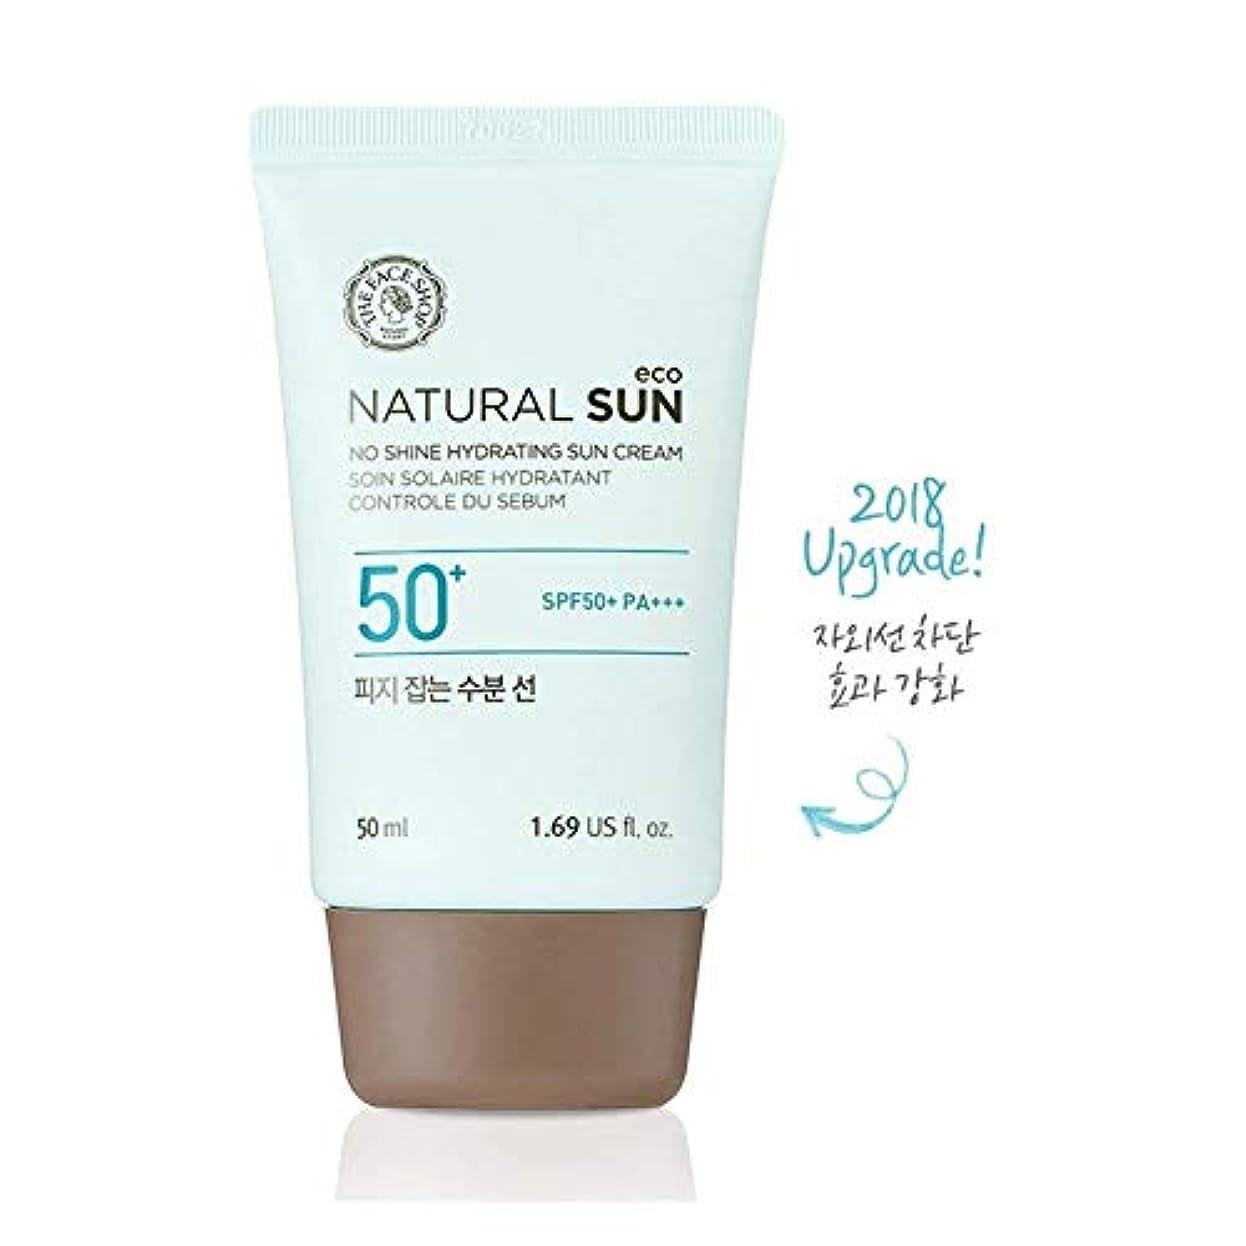 相手触覚主観的ザ?フェイスショップ ネチュロルソンエコフィジーサン?クリーム SPF50+PA+++50ml 韓国コスメ、The Face Shop Natural Sun Eco No Shine Hydrating Sun Cream...